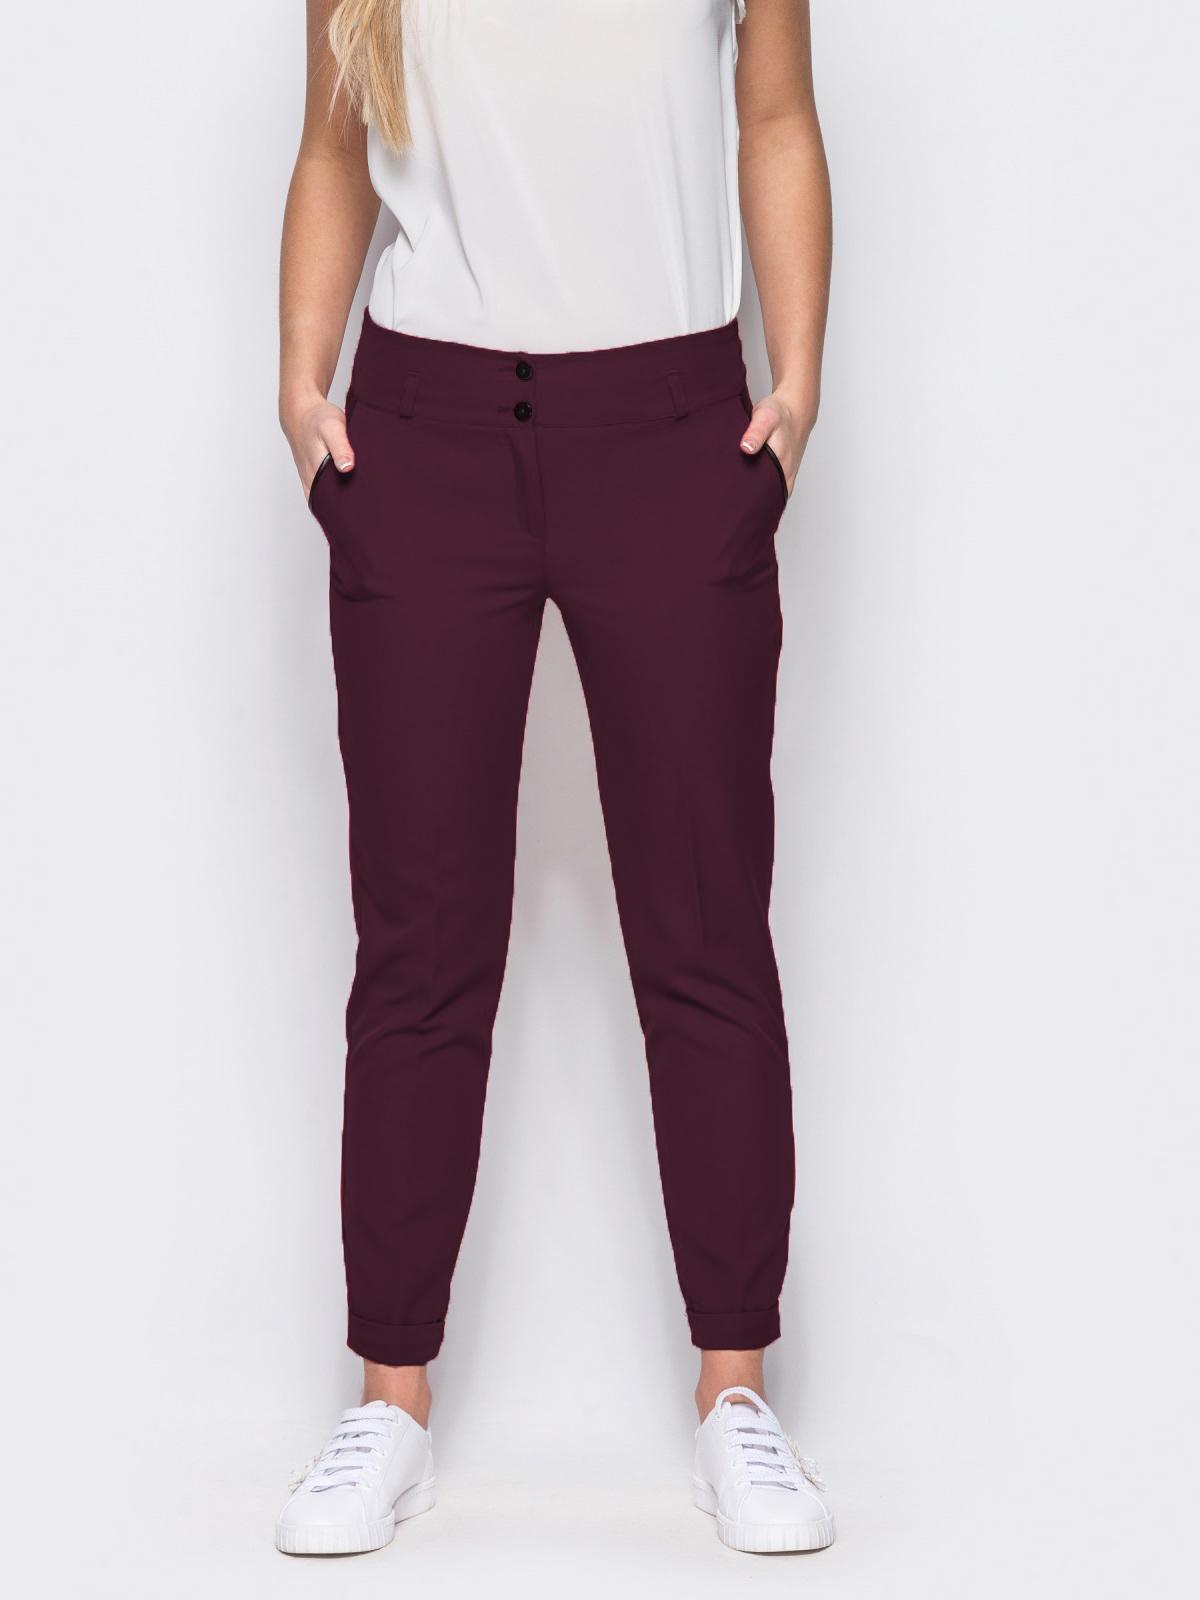 Бордовые брюки с кожаной отделкой на карманах 10325, фото 1